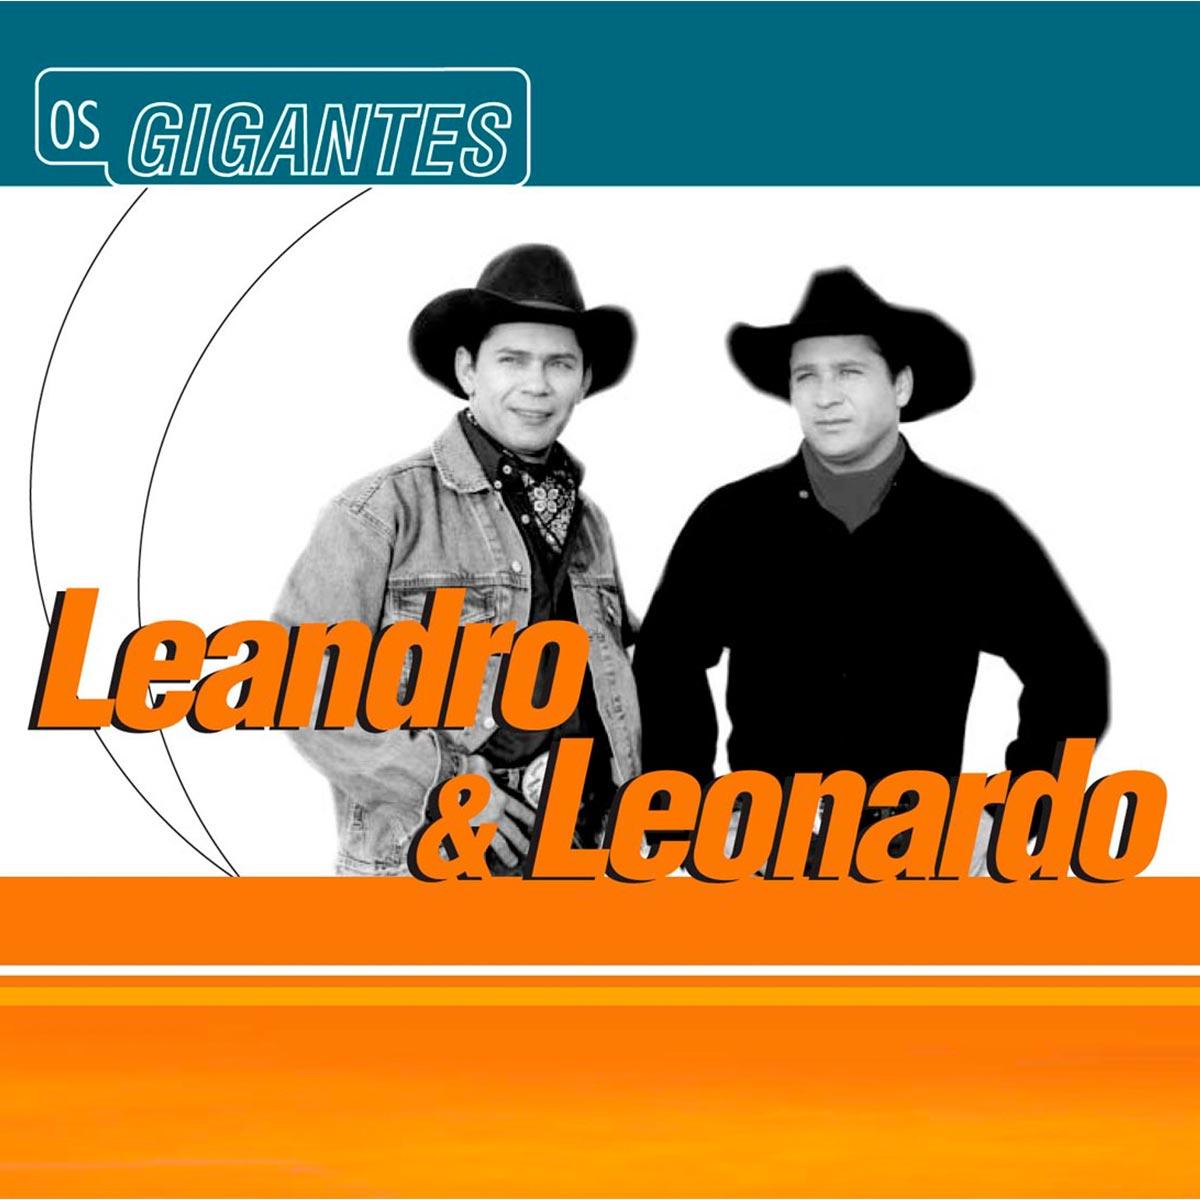 CD Leandro & Leonardo Série Os Gigantes